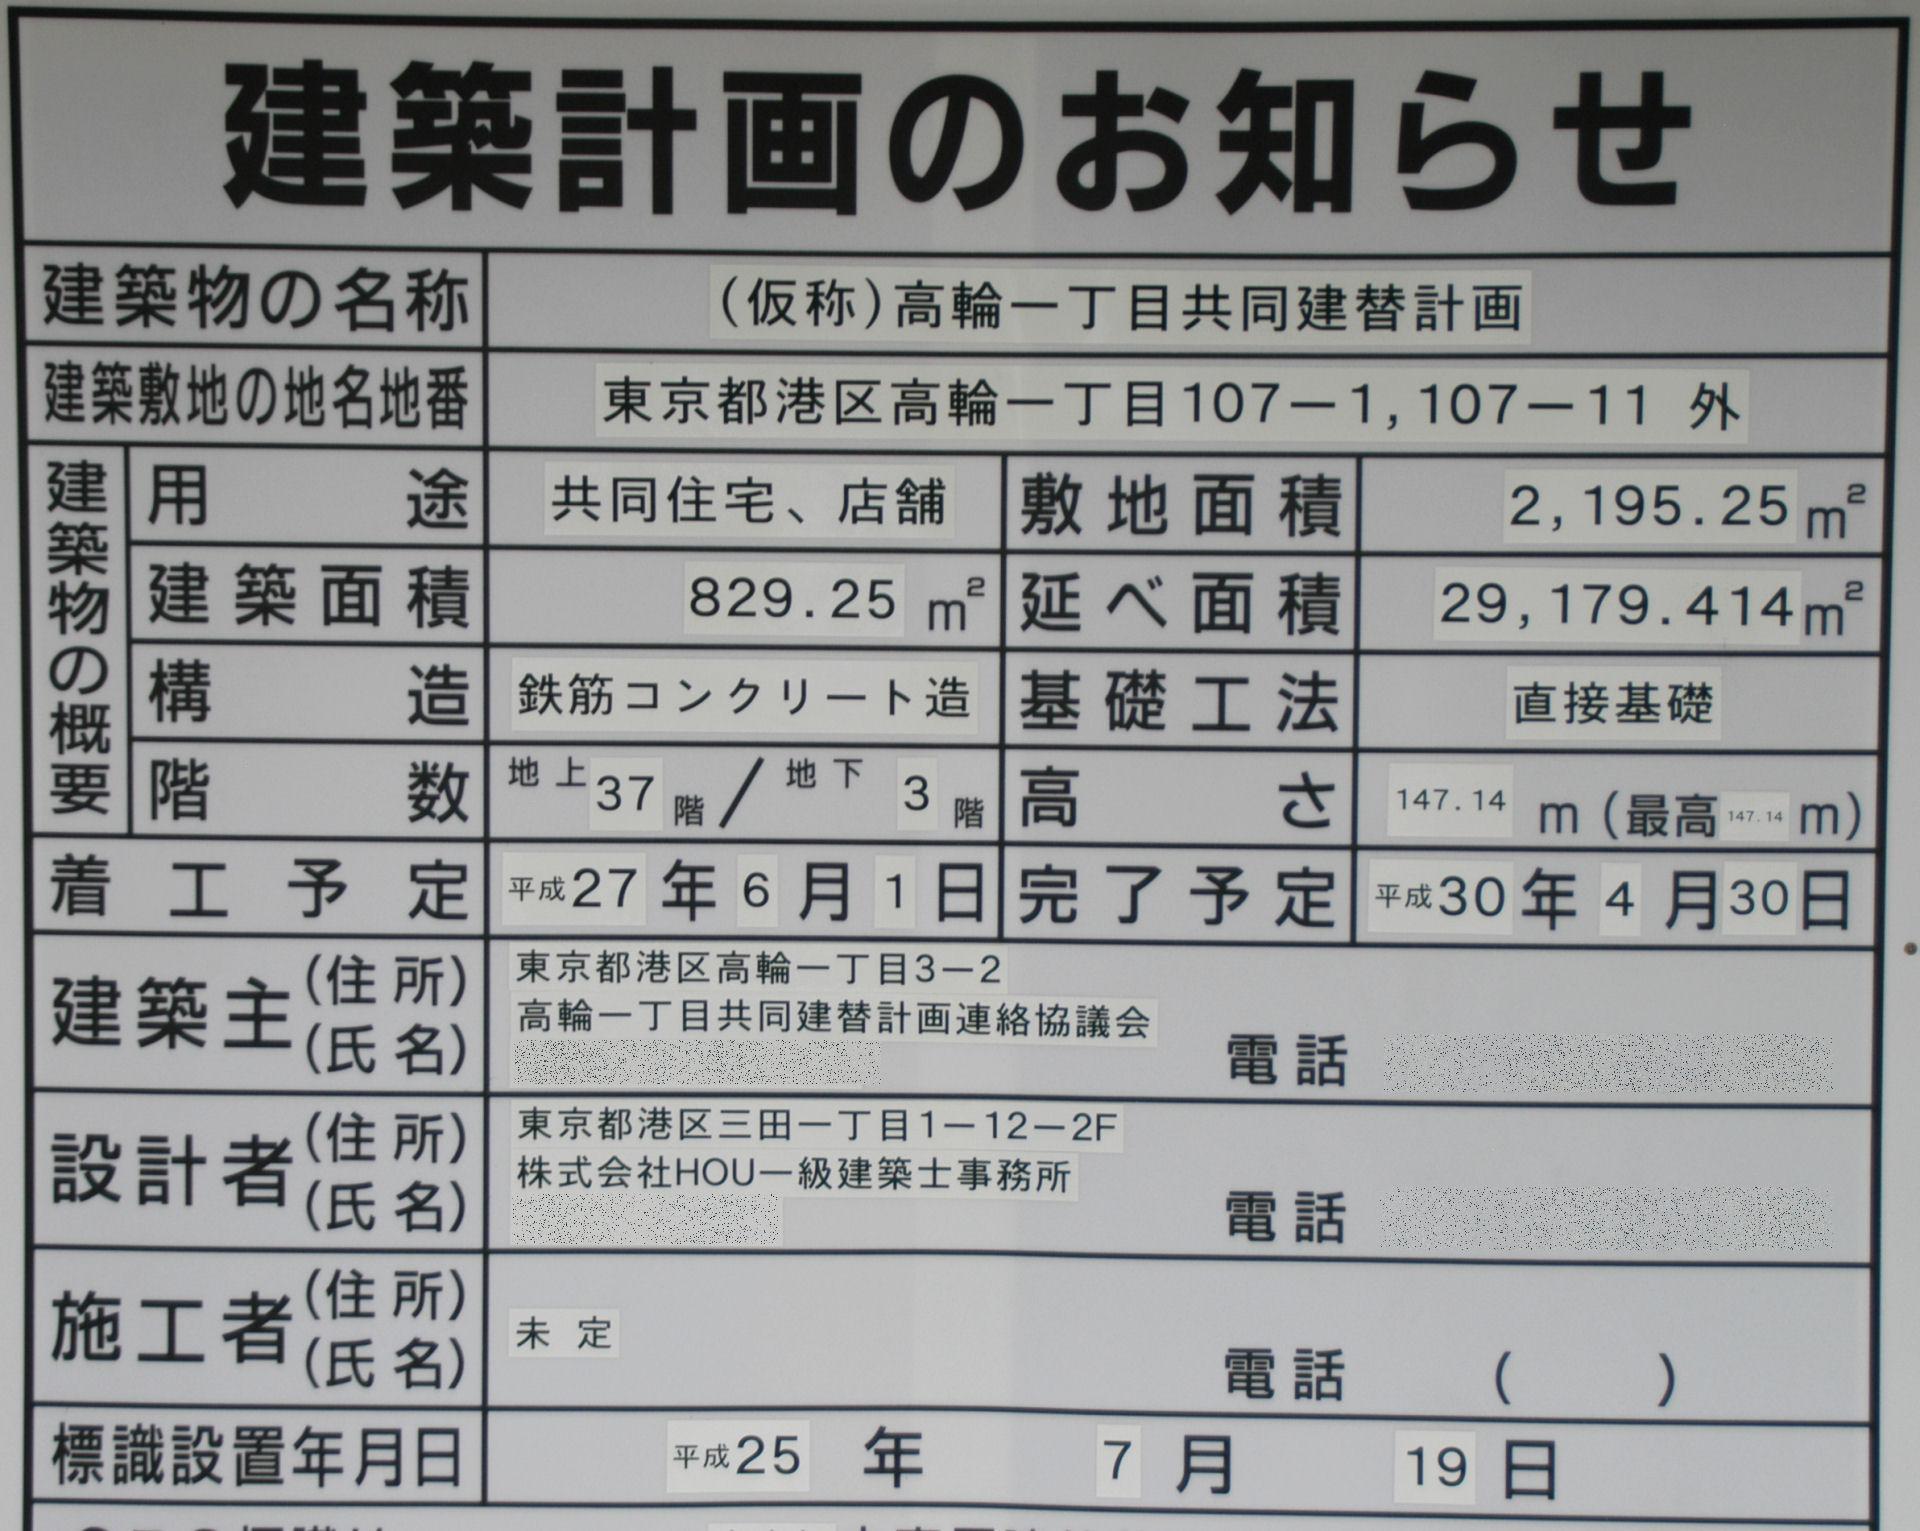 shiro13080017.jpg